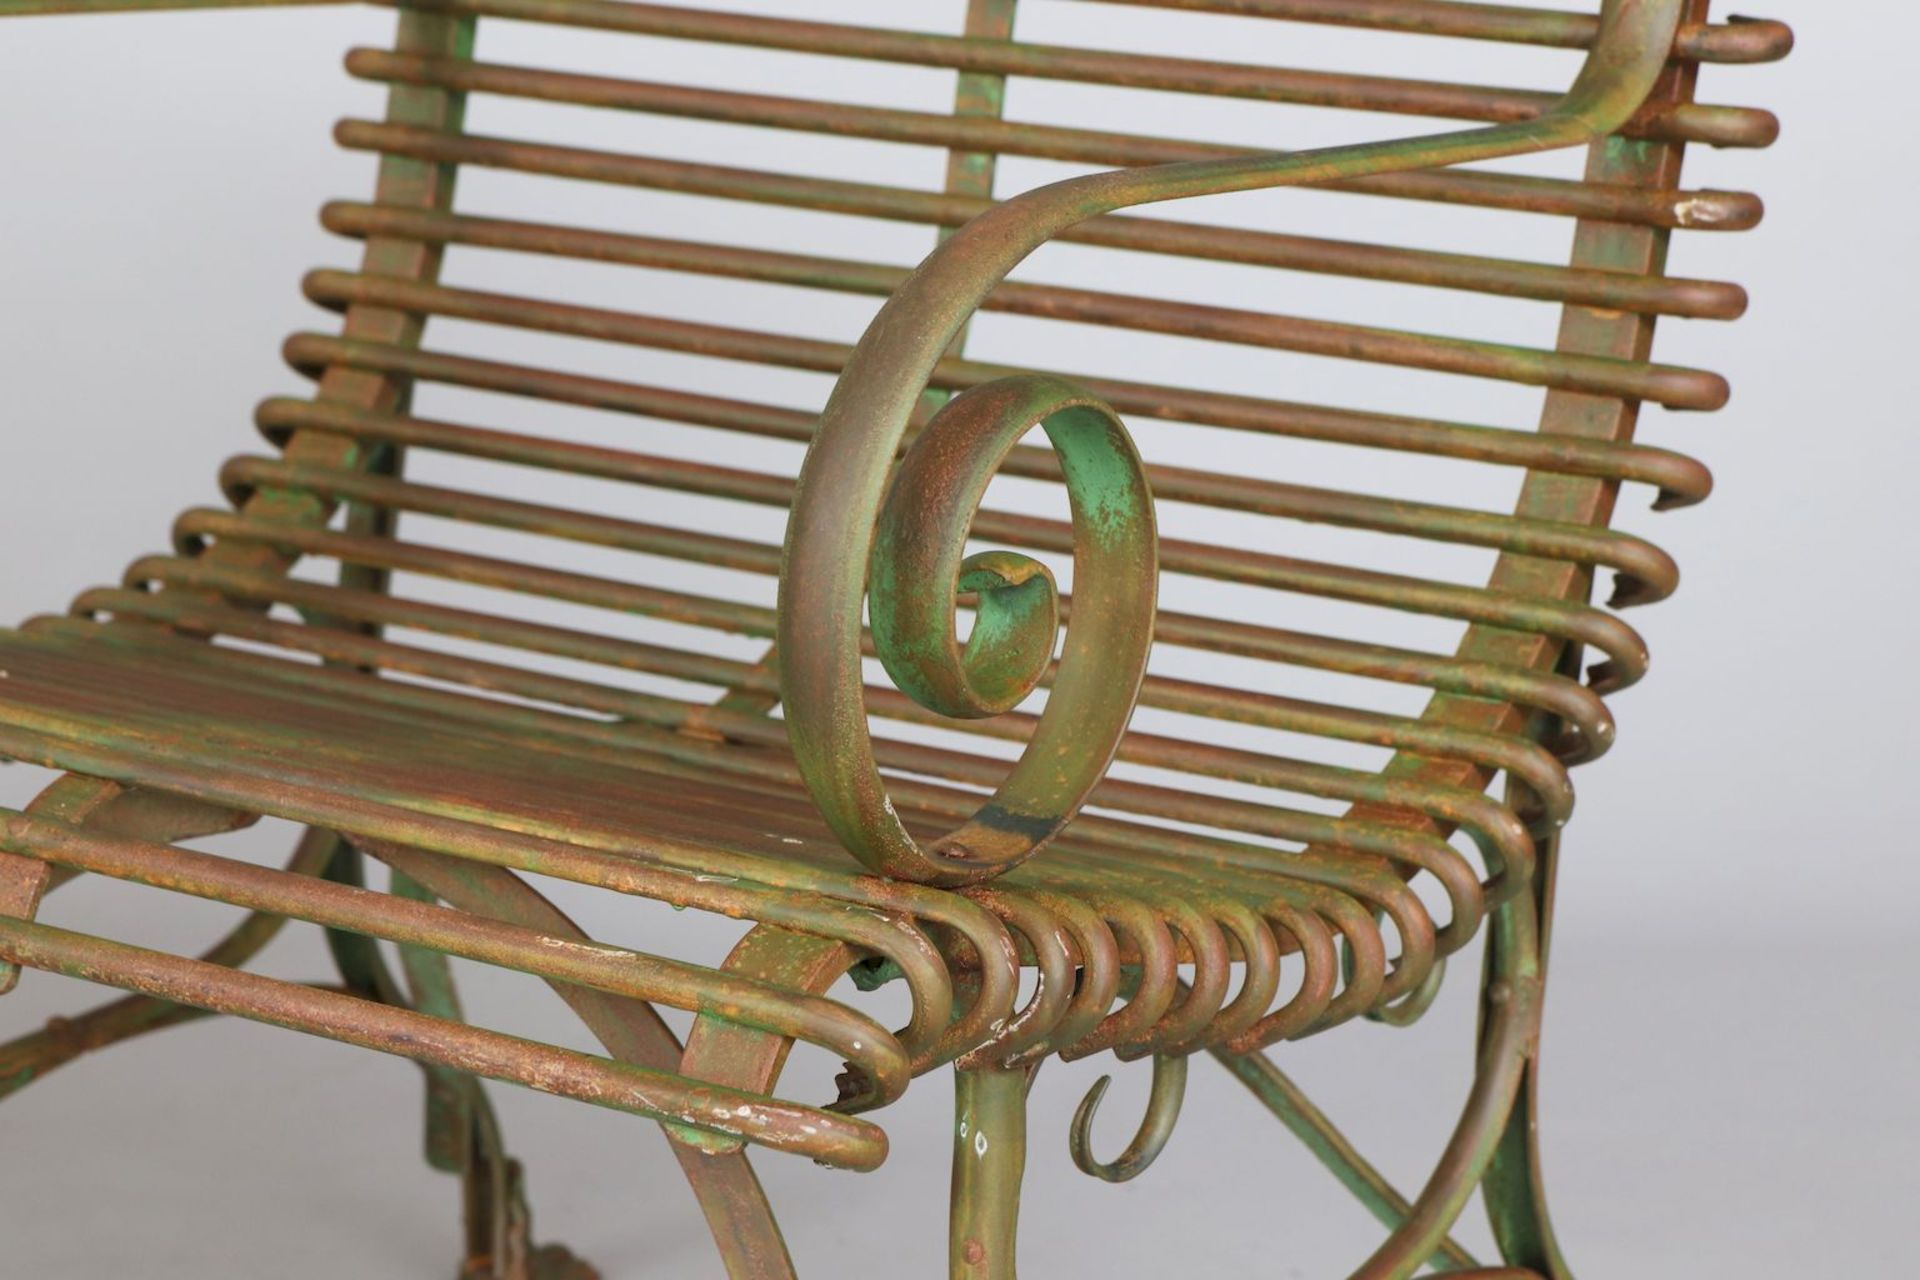 Paar Park-/Gartenstühle im Stile des 19. Jahrhunderts - Image 2 of 3